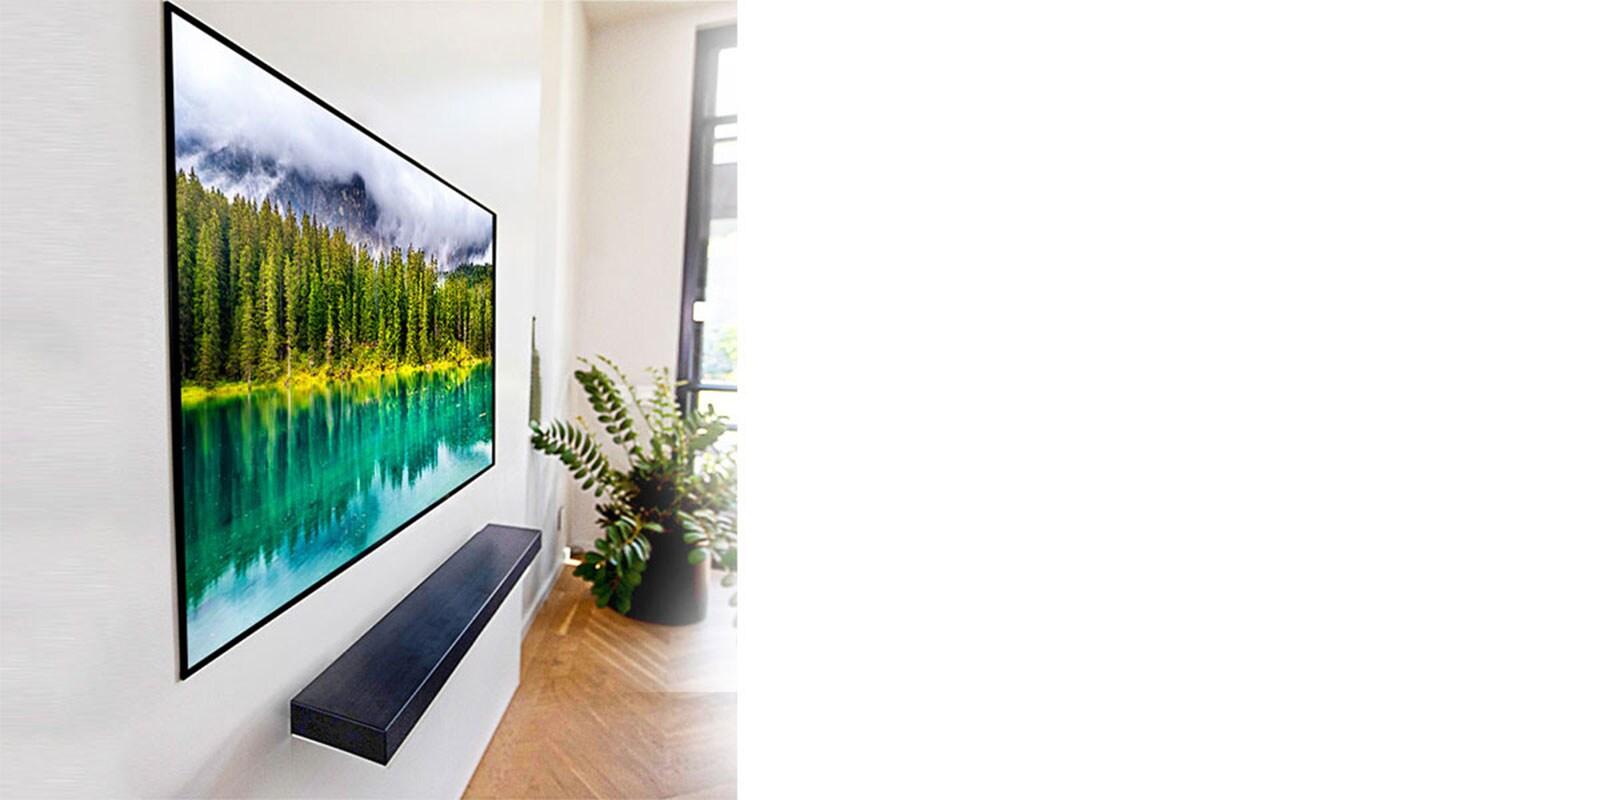 LG OLED65WXPUA : SIGNATURE WX 65 inch Class Wallpaper 4K ...